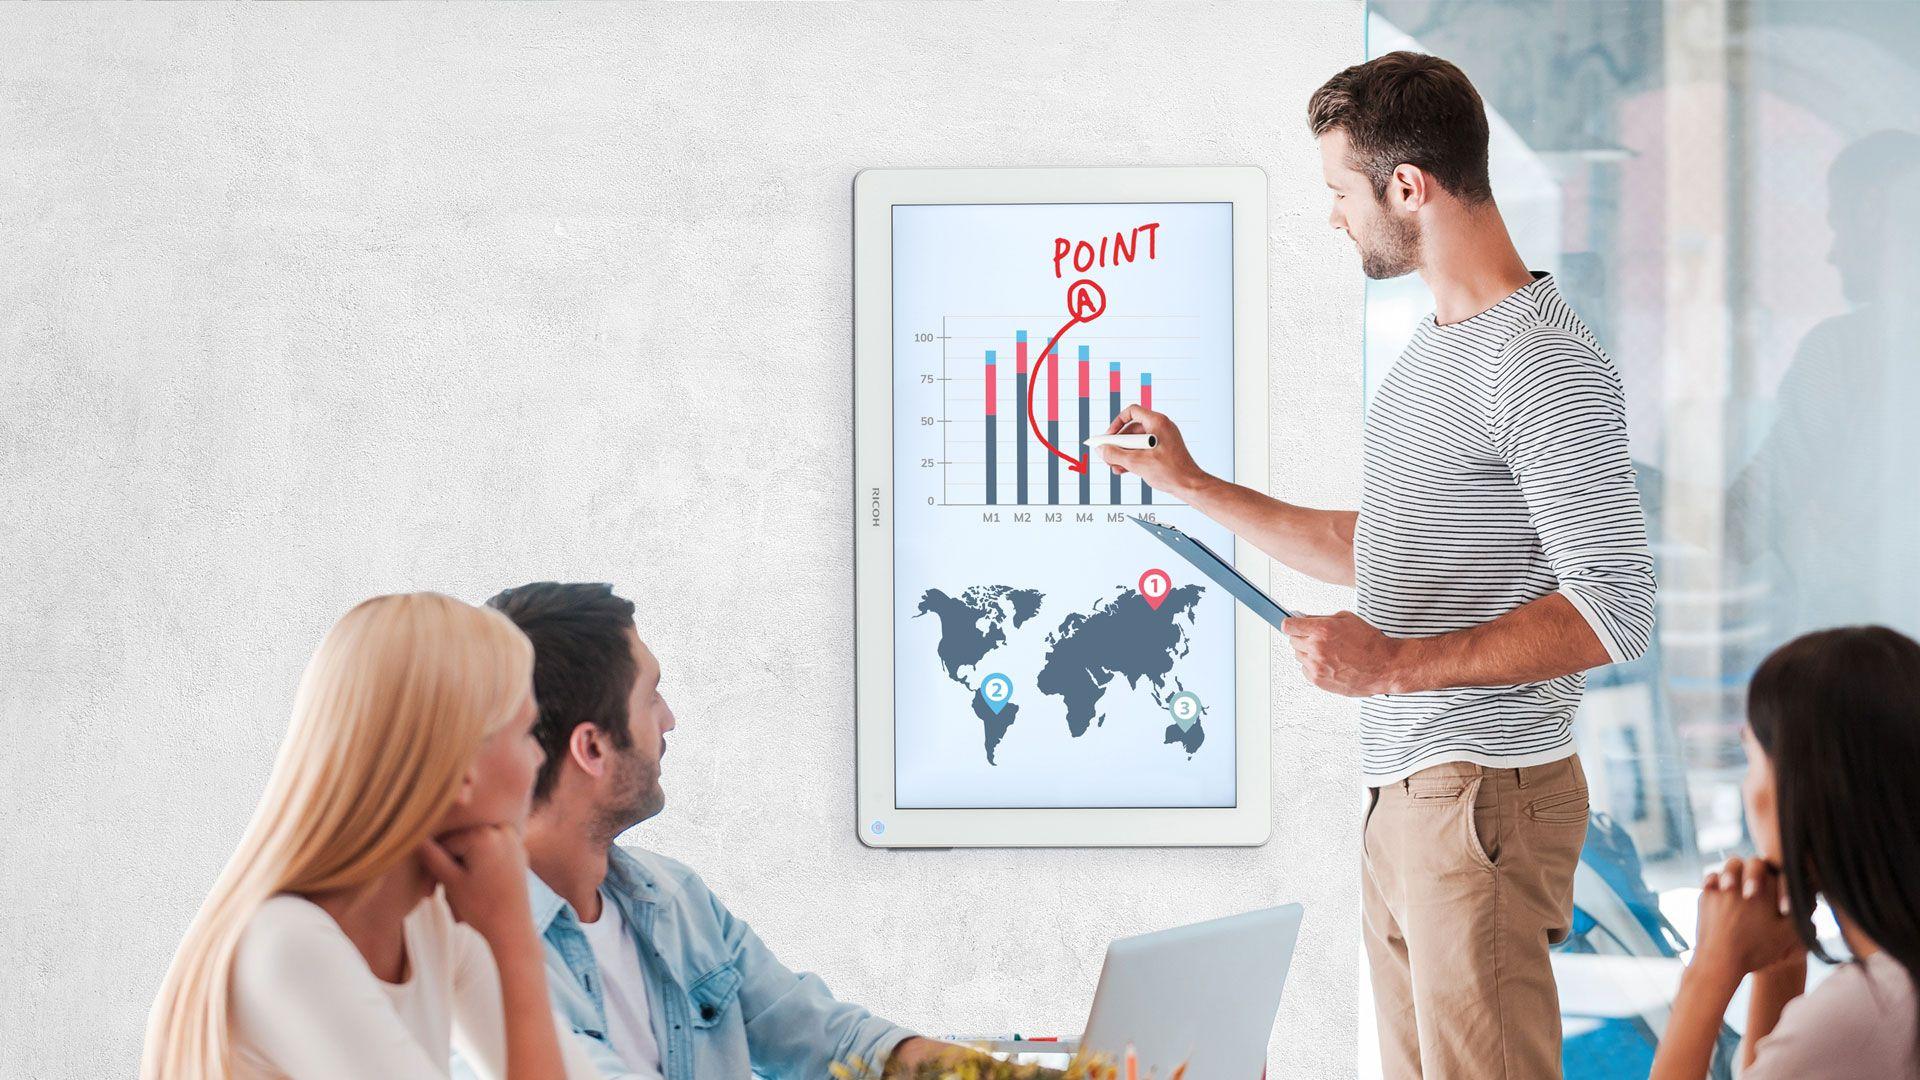 pantallas interactivas ricoh D3210 header - Pantallas interactivas Ricoh